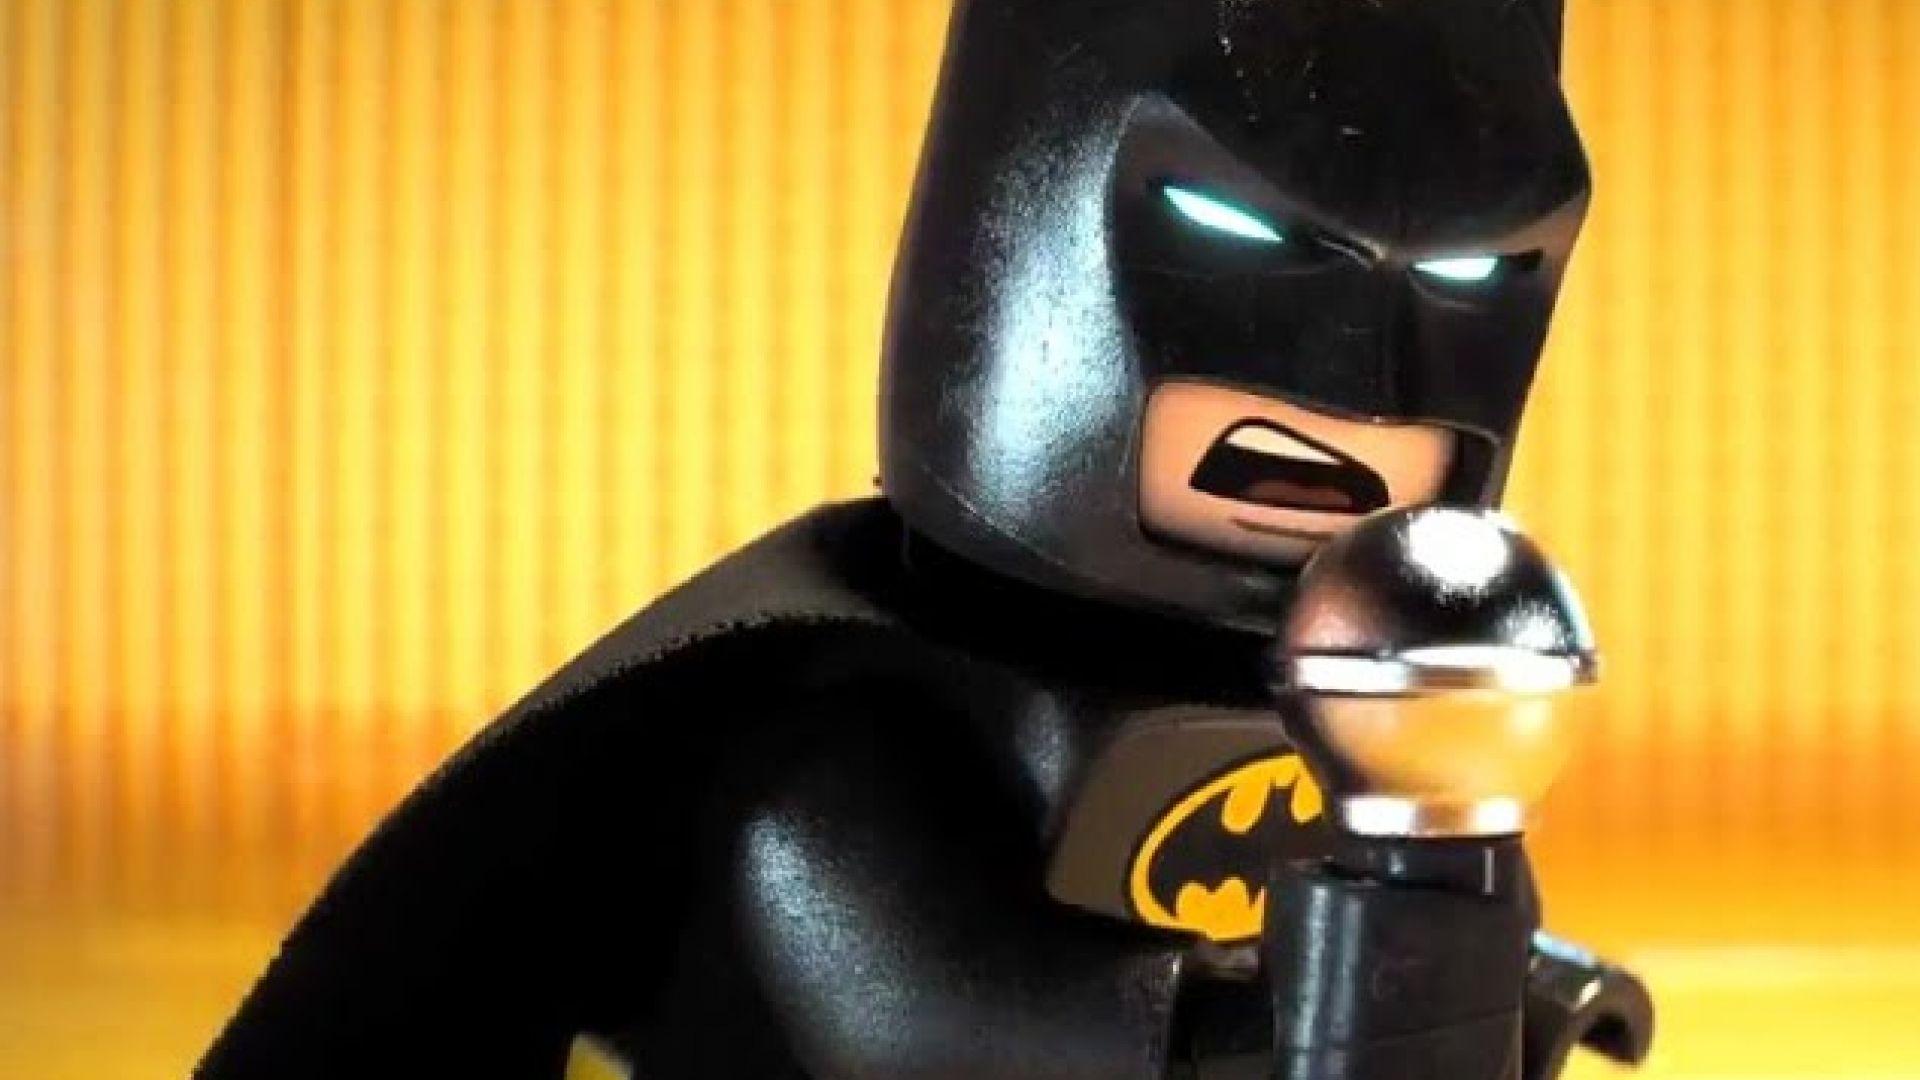 THE LEGO BATMAN MOVIE Promo Clip - Comic-Con Announcement (2